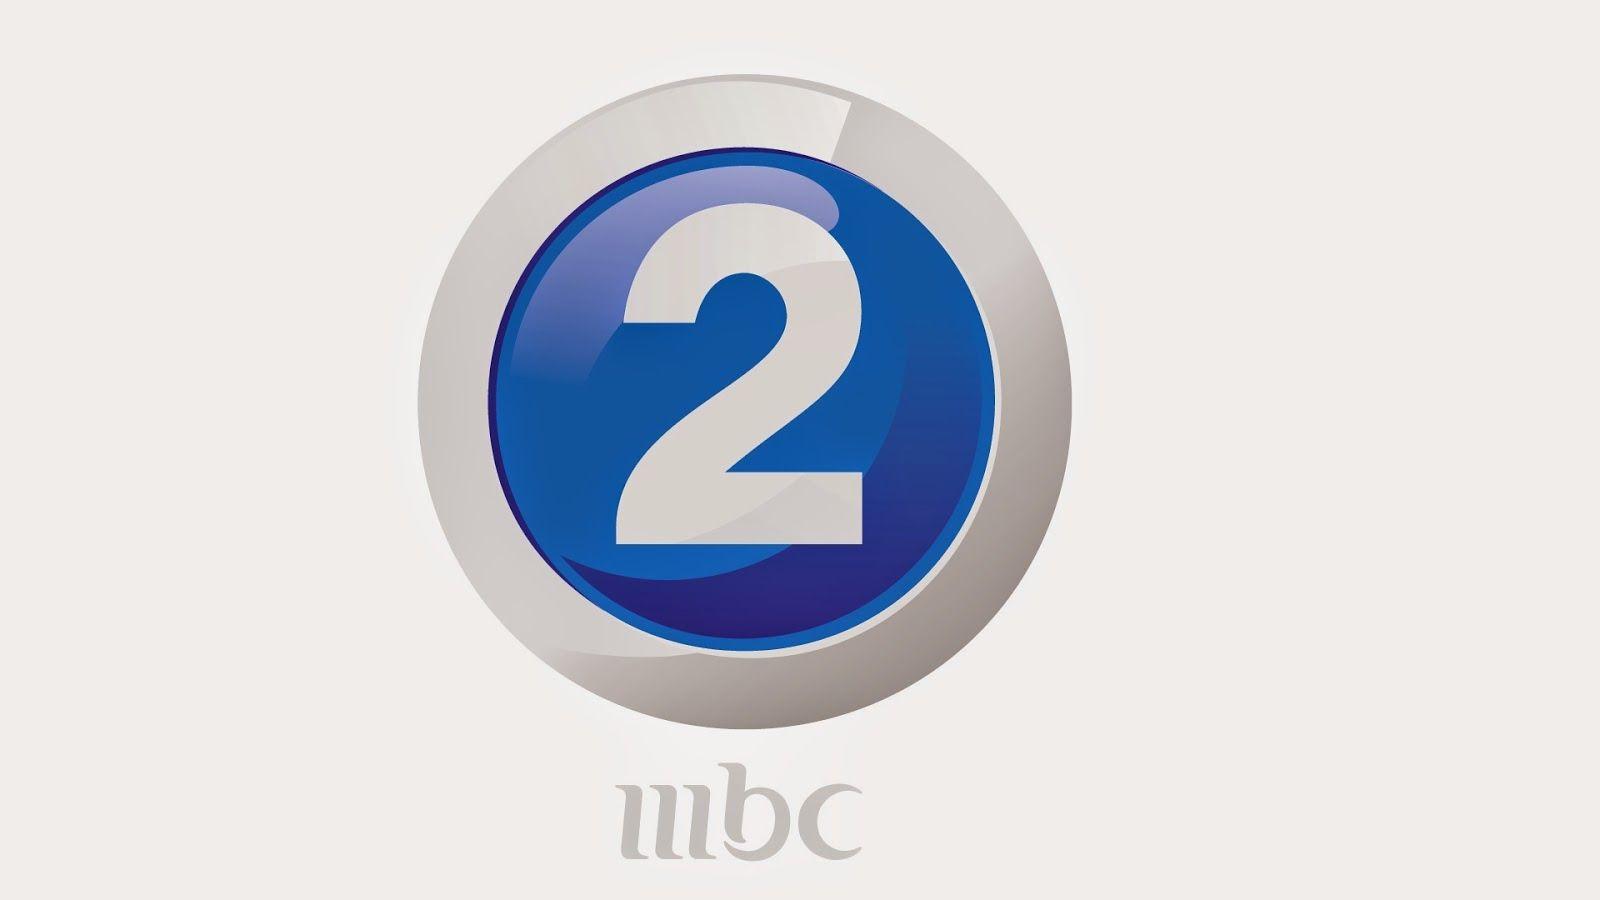 تردد قناة ام بي سي 2 الجديد Mbc2 على النايل سات وعرب سات أحدث